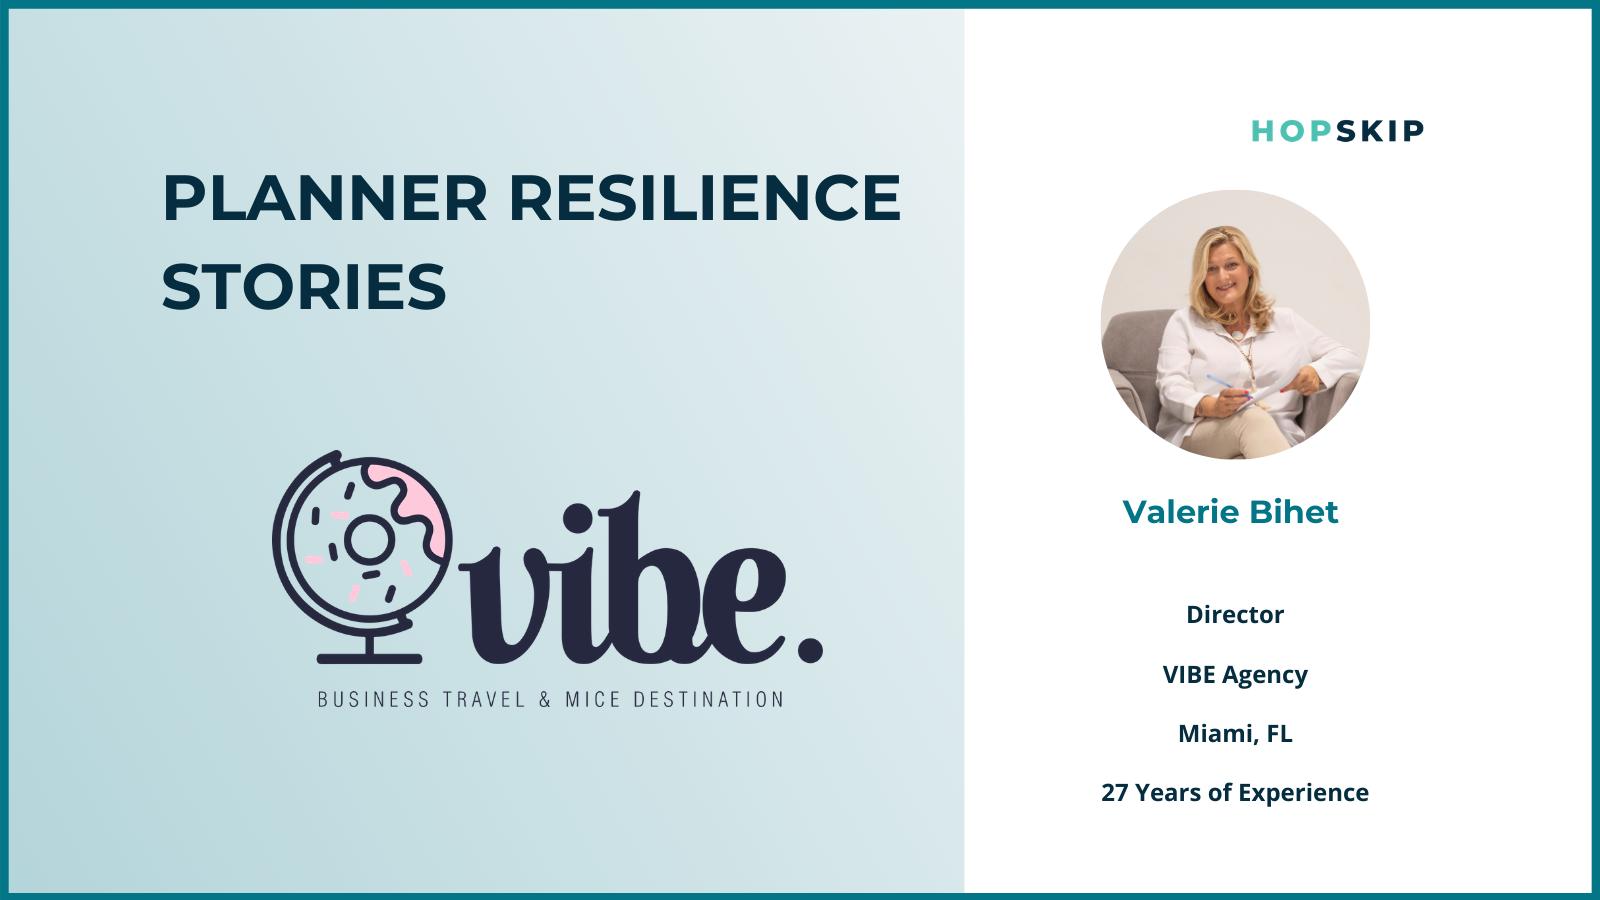 Valerie Bihet, VIBE Agency